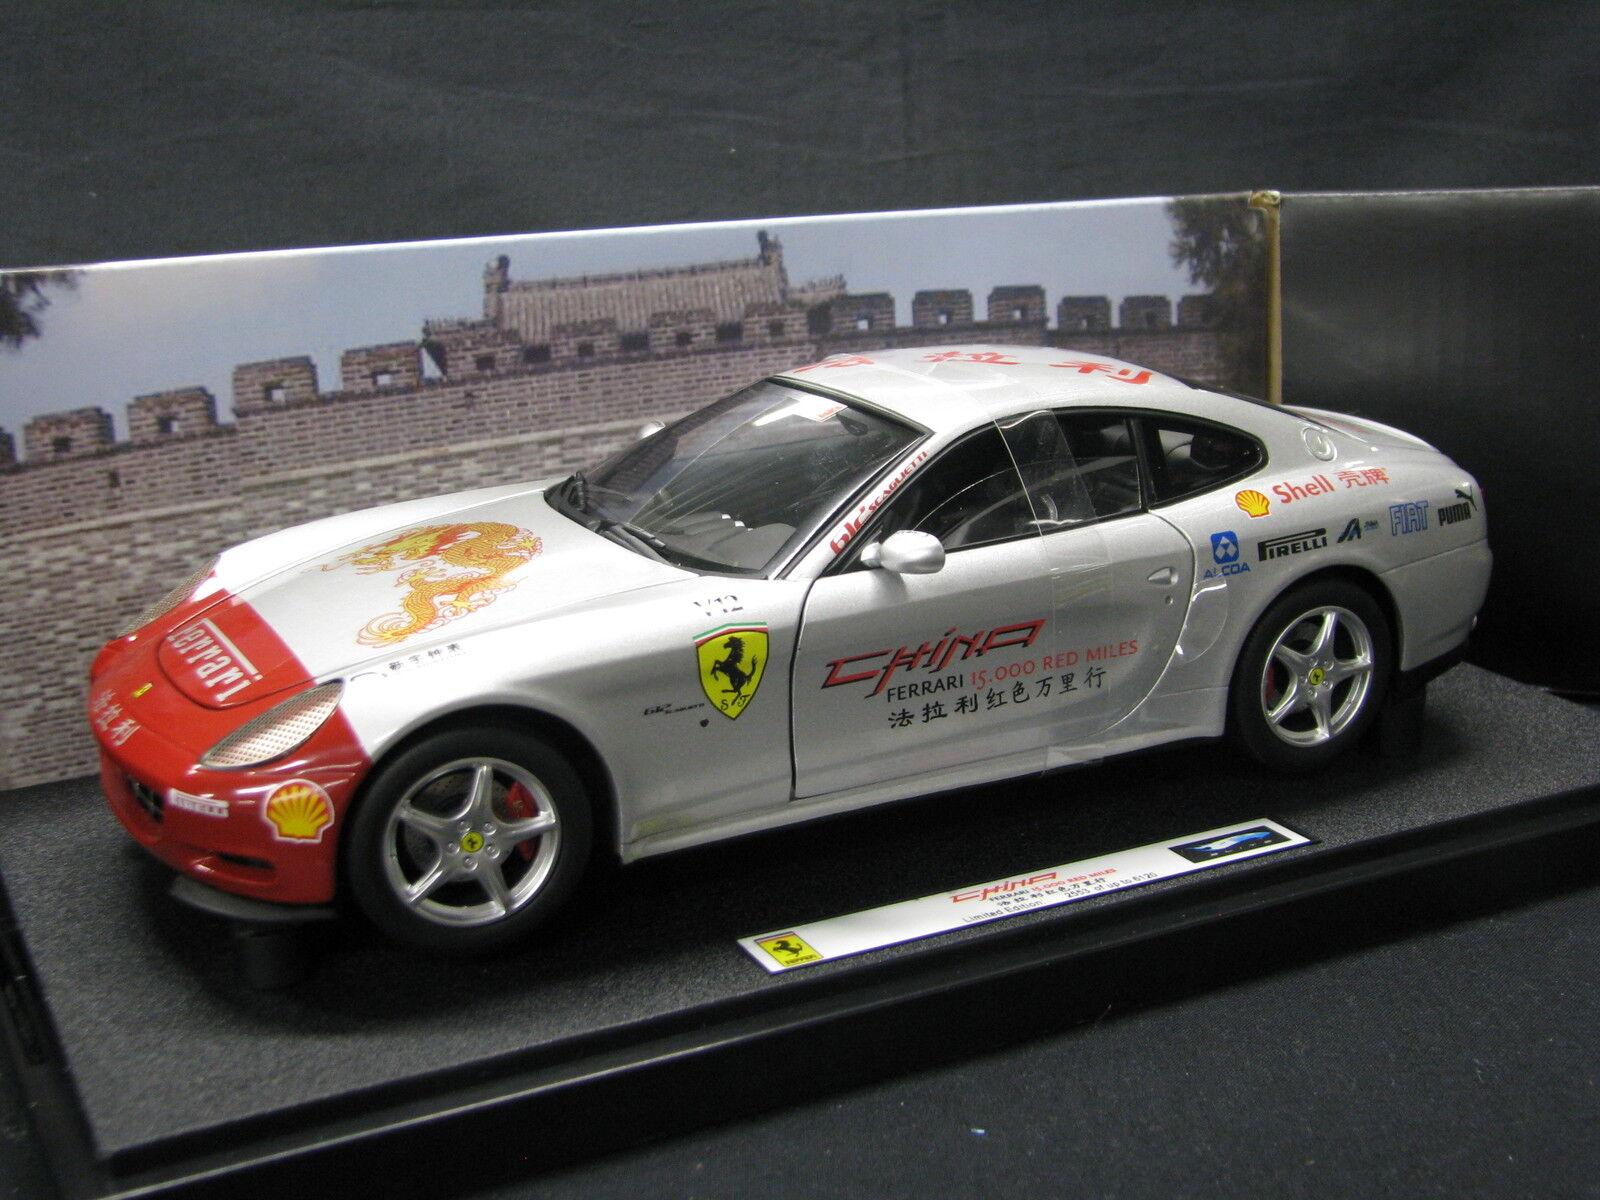 heta hjul Elite Ferrari 612 Scaglietti 2003 18 Kina 15.000 röd Miles S